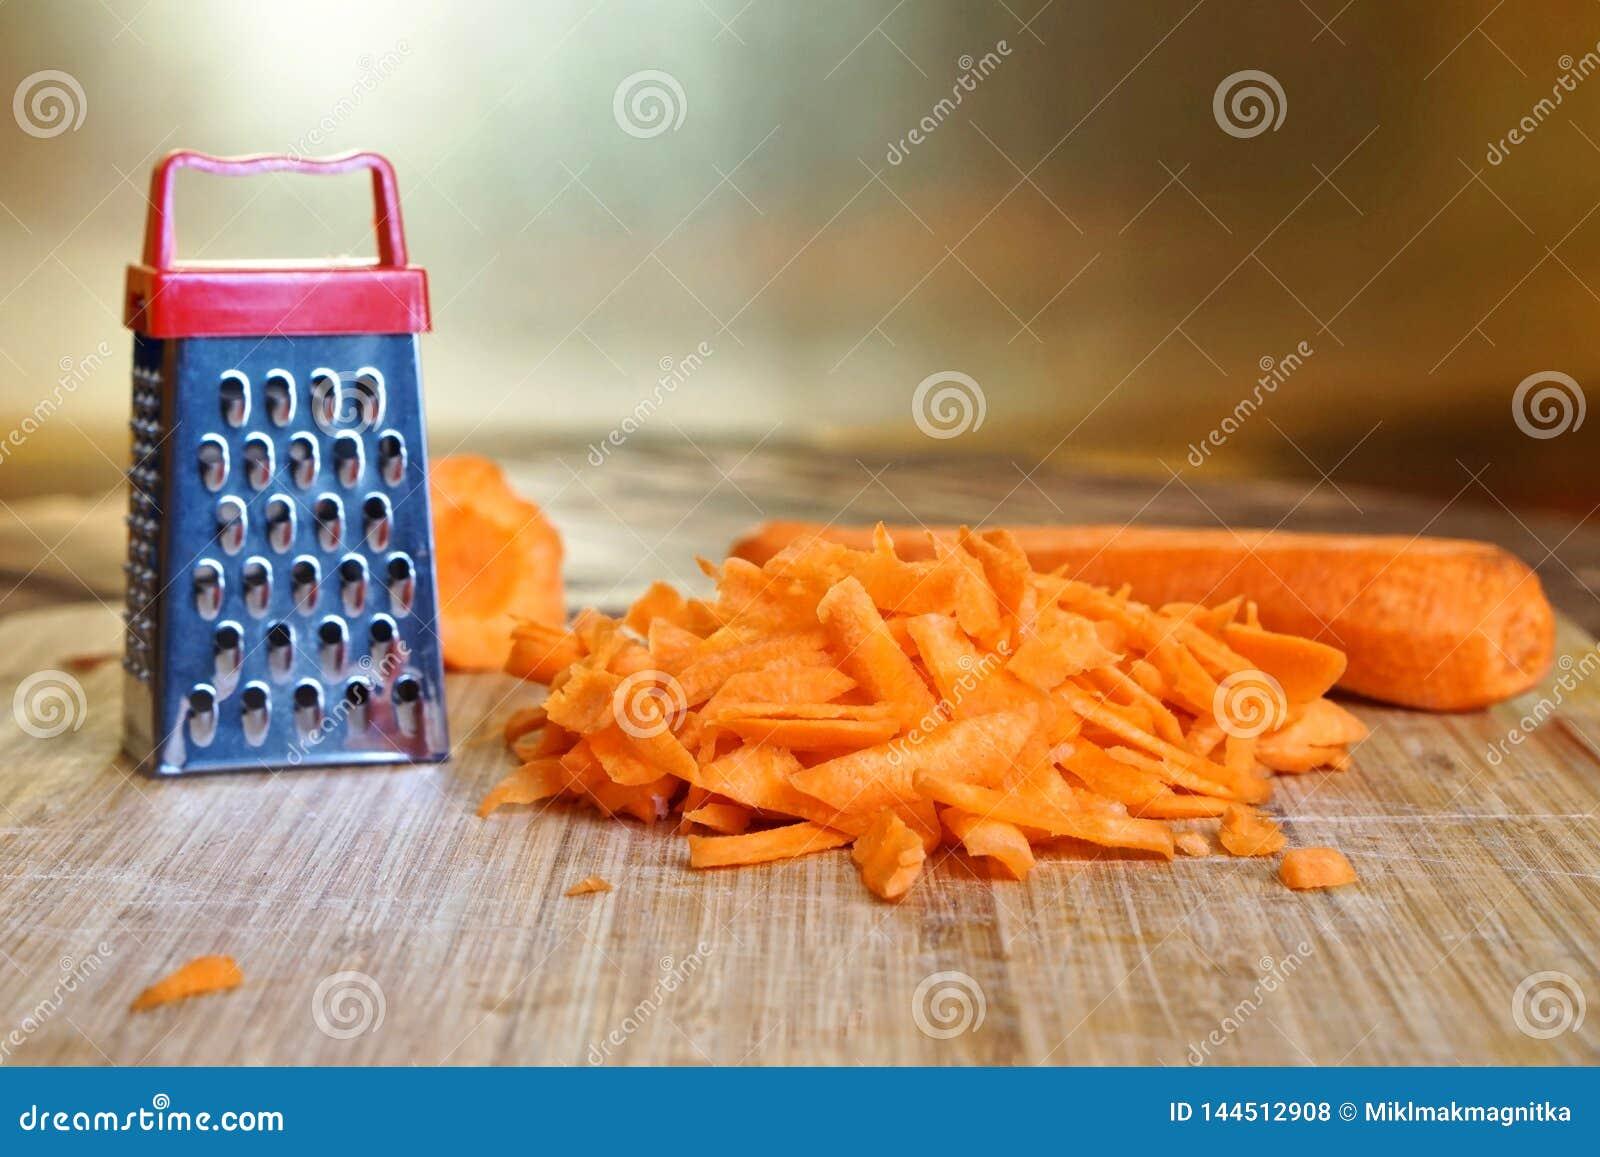 Небольшая терка и большая морковь на разделочной доске Необыкновенные тайна и обман зрения